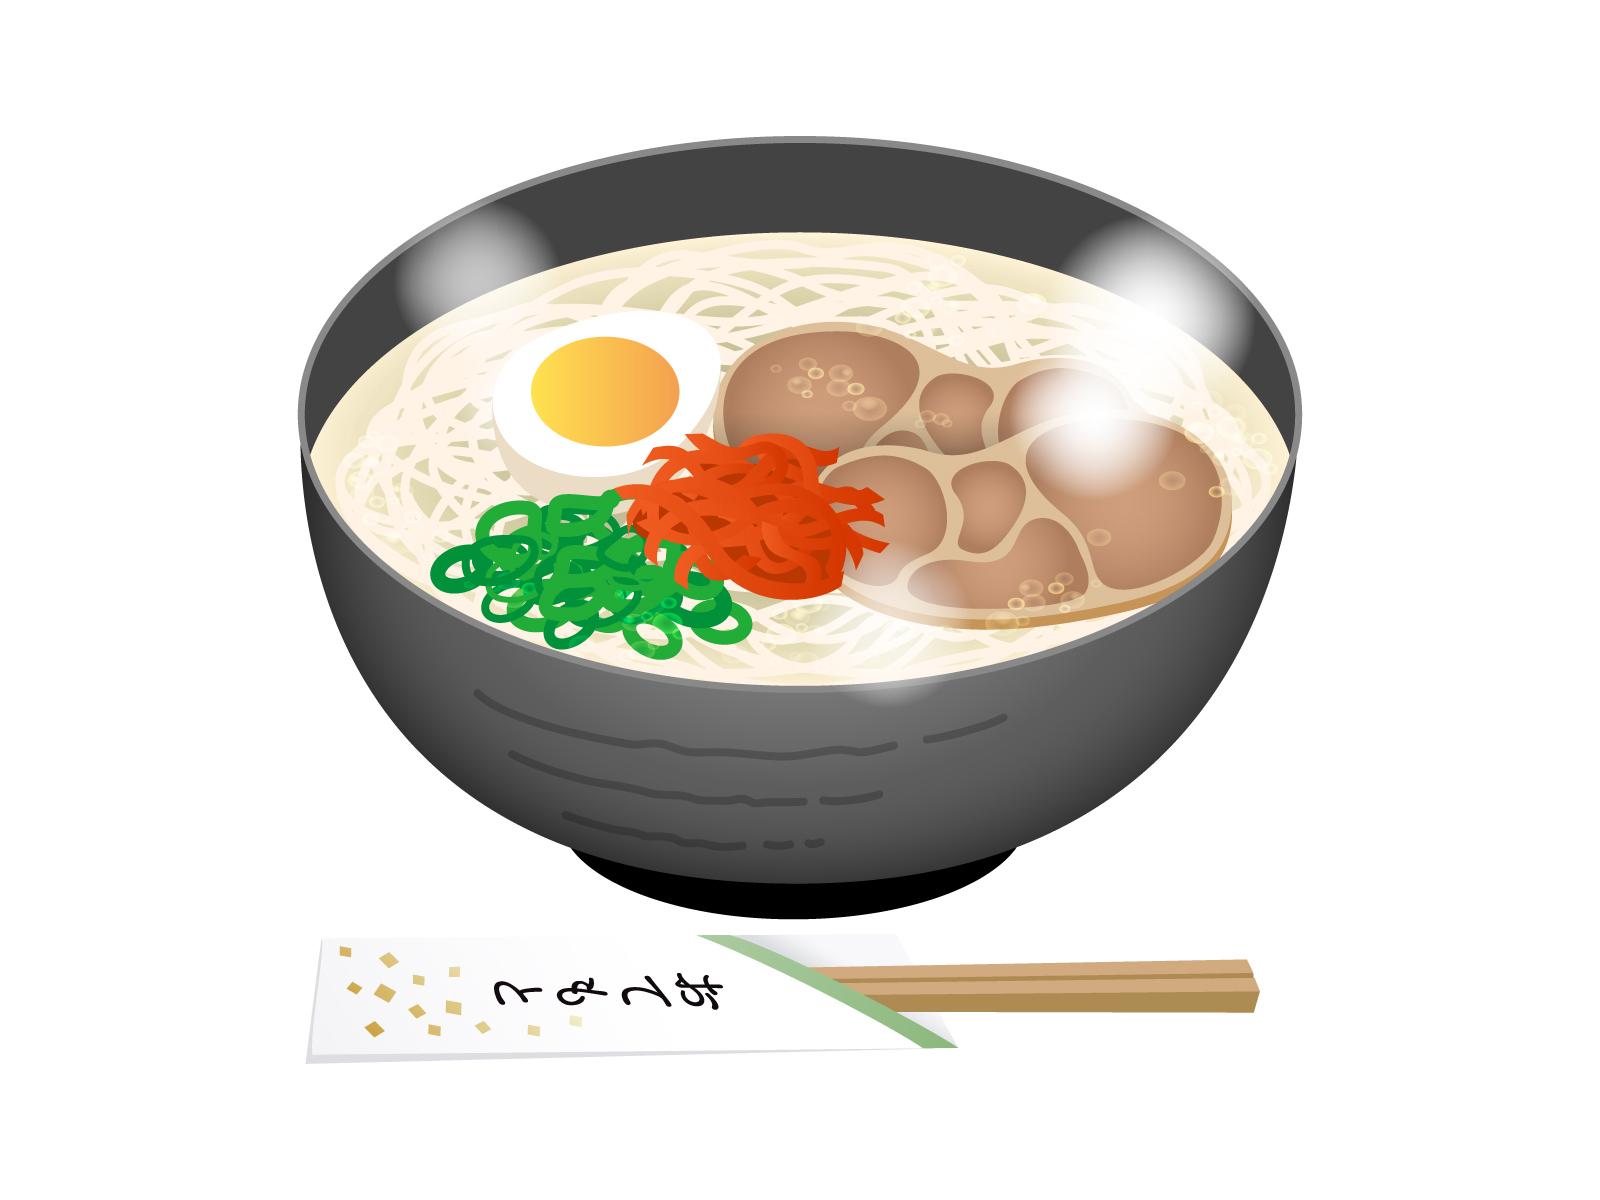 豚骨ラーメン屋「うちはスープによく絡むように太麺にしてます」